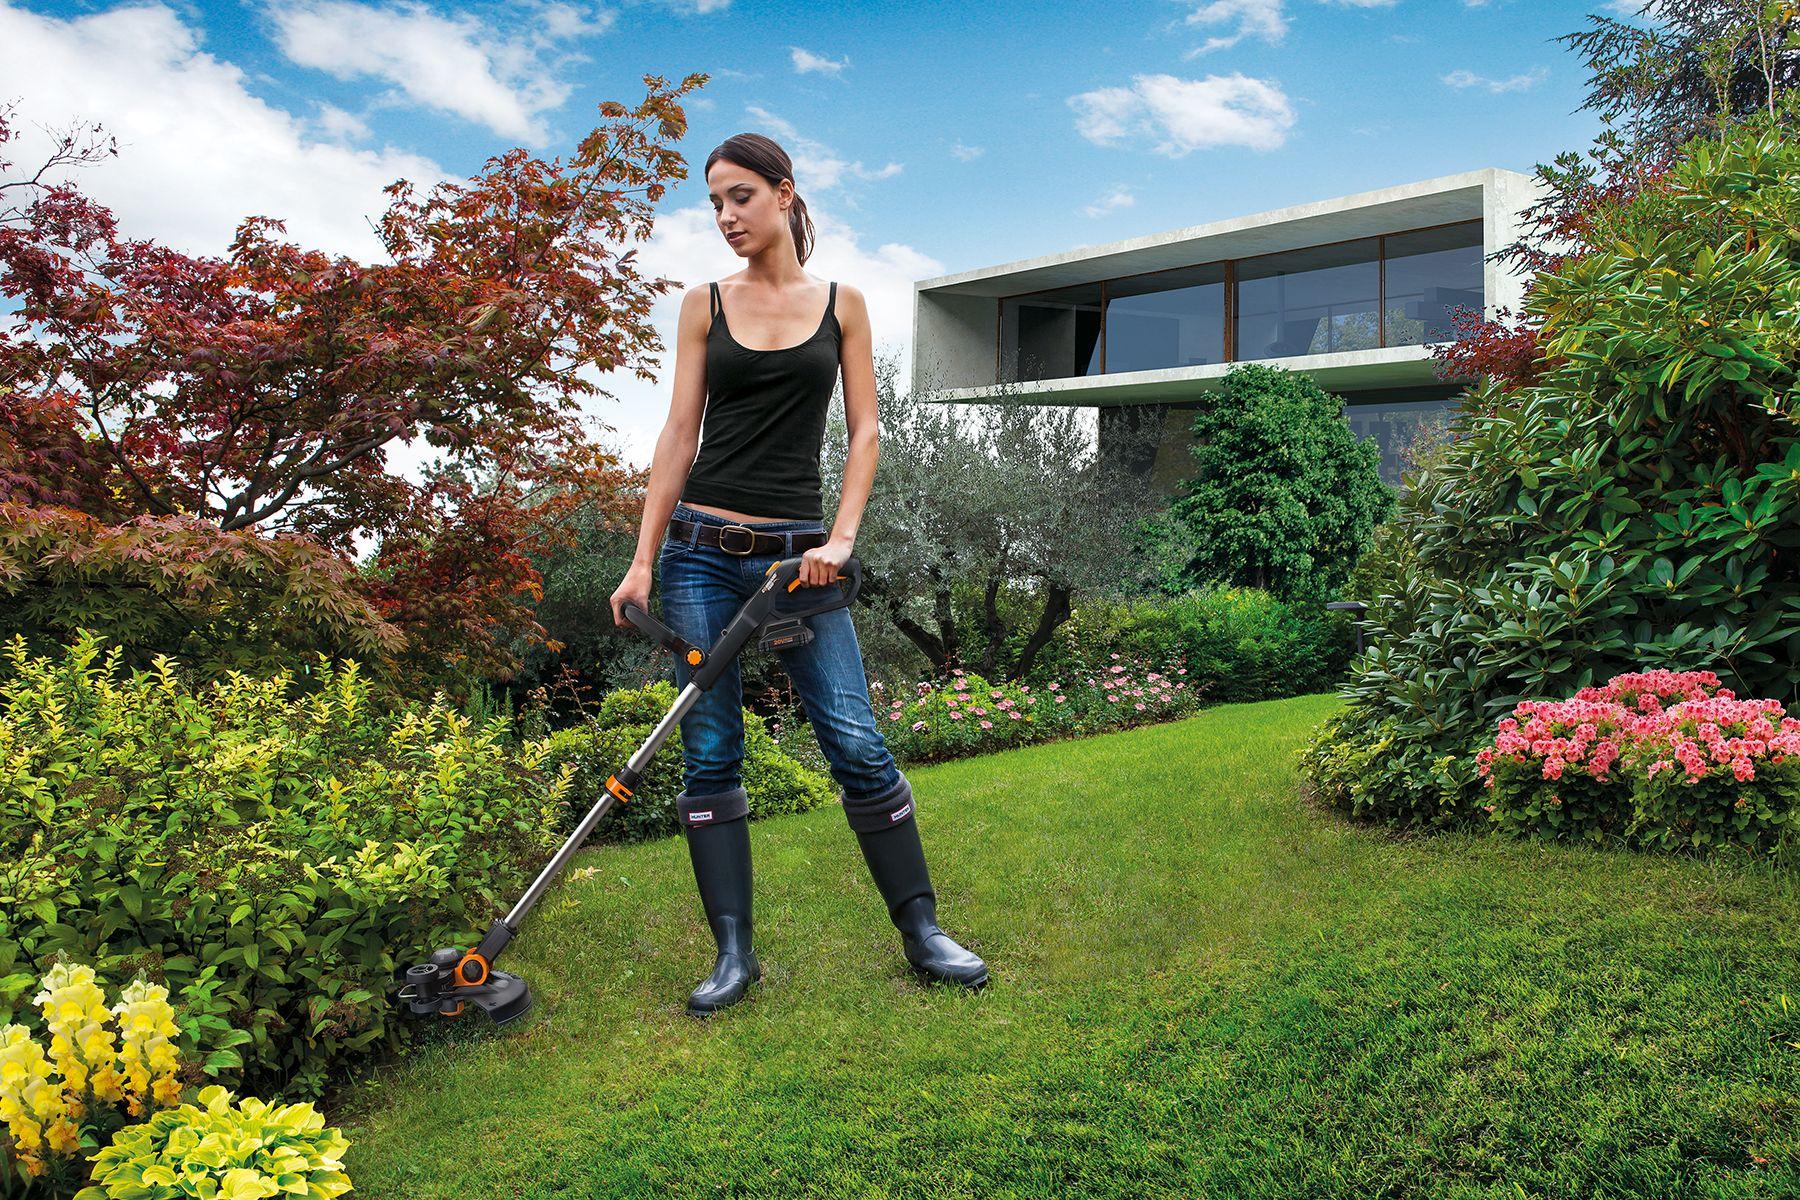 картинки про газонокосильщика настоящее время существует